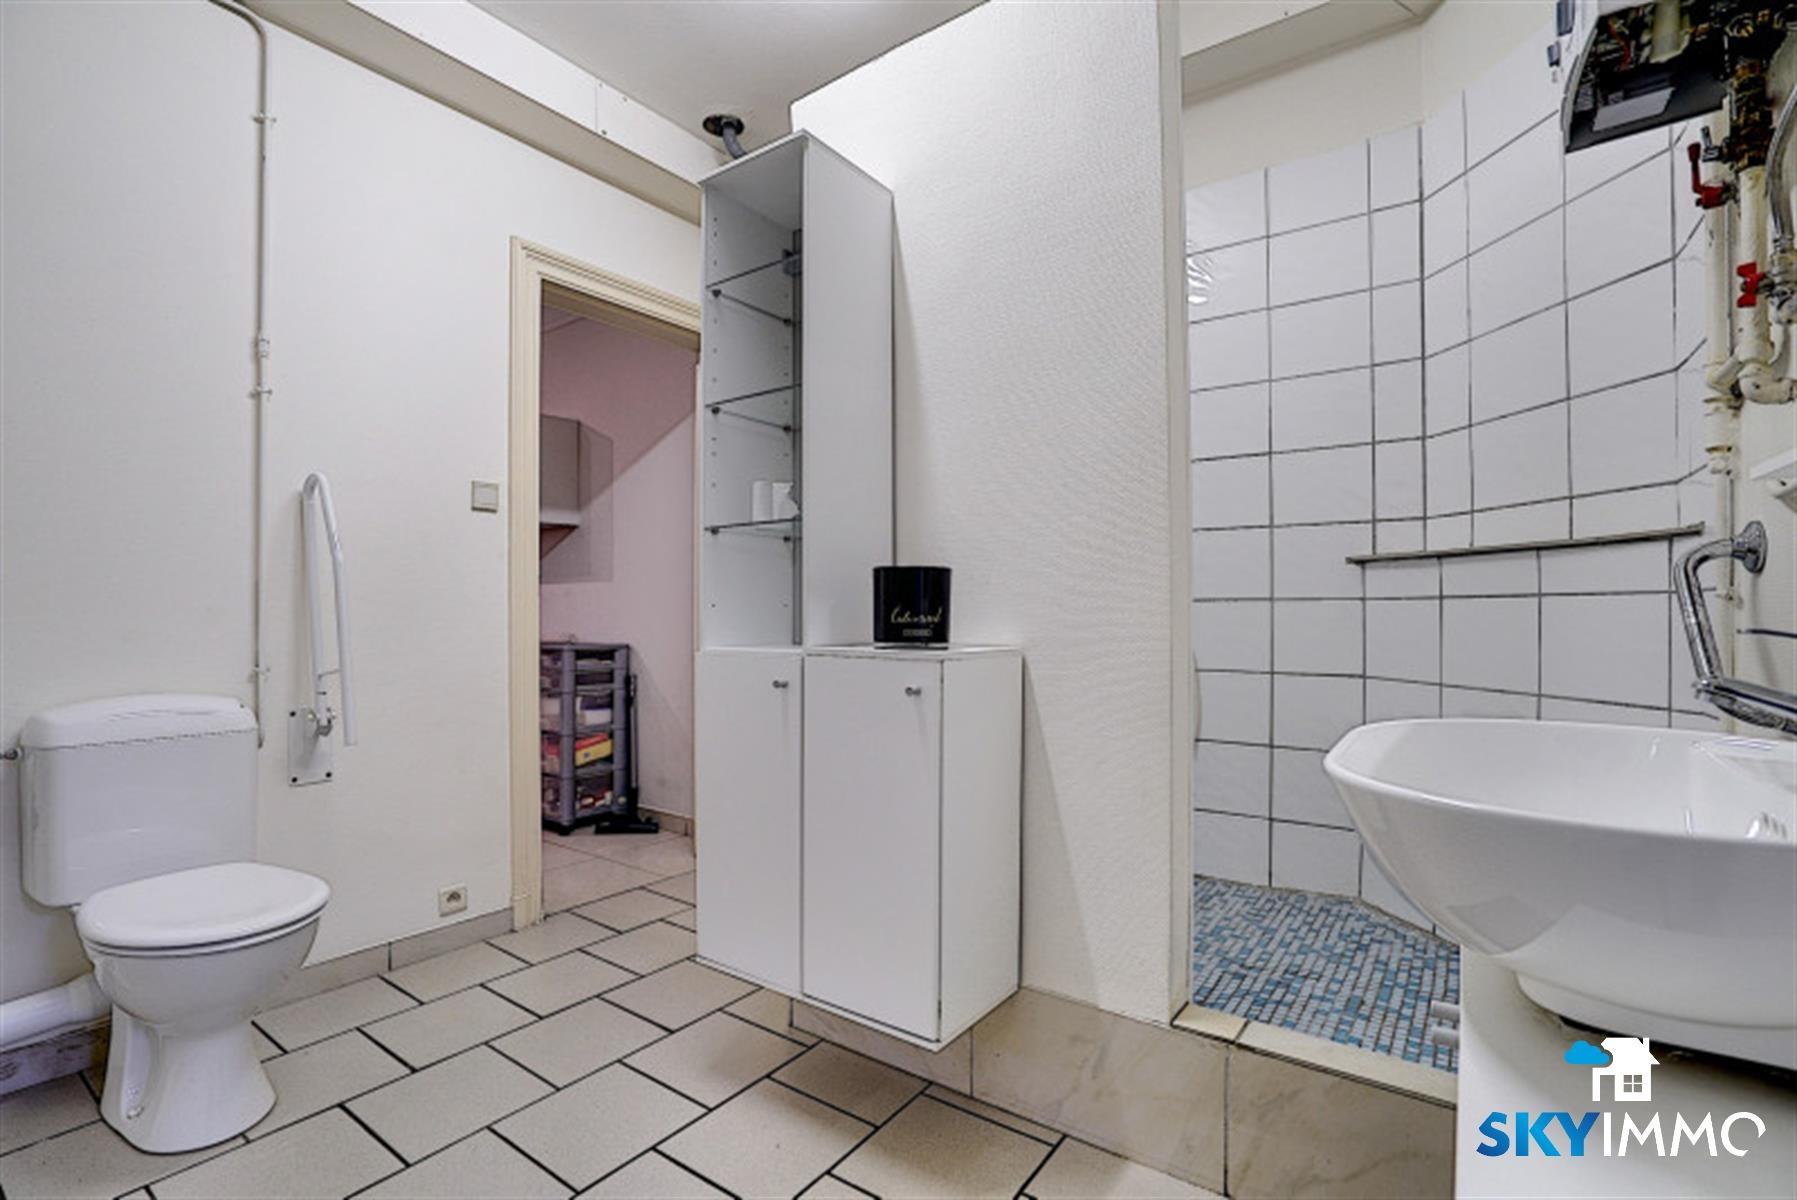 Maison - Liège - #4245744-12